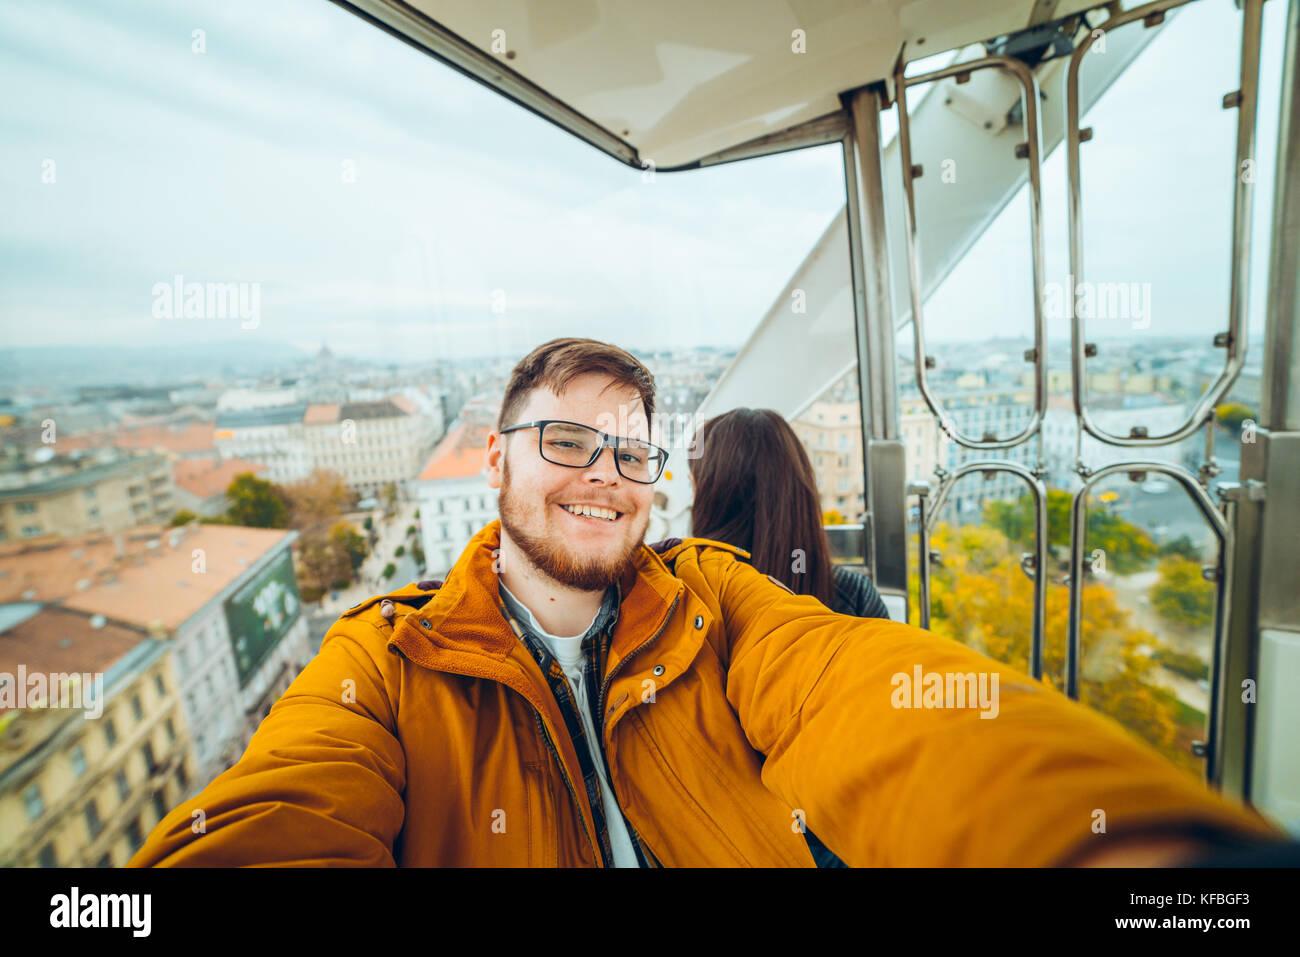 Mann mit Frau beim Riesenrad eine selfie Stockbild